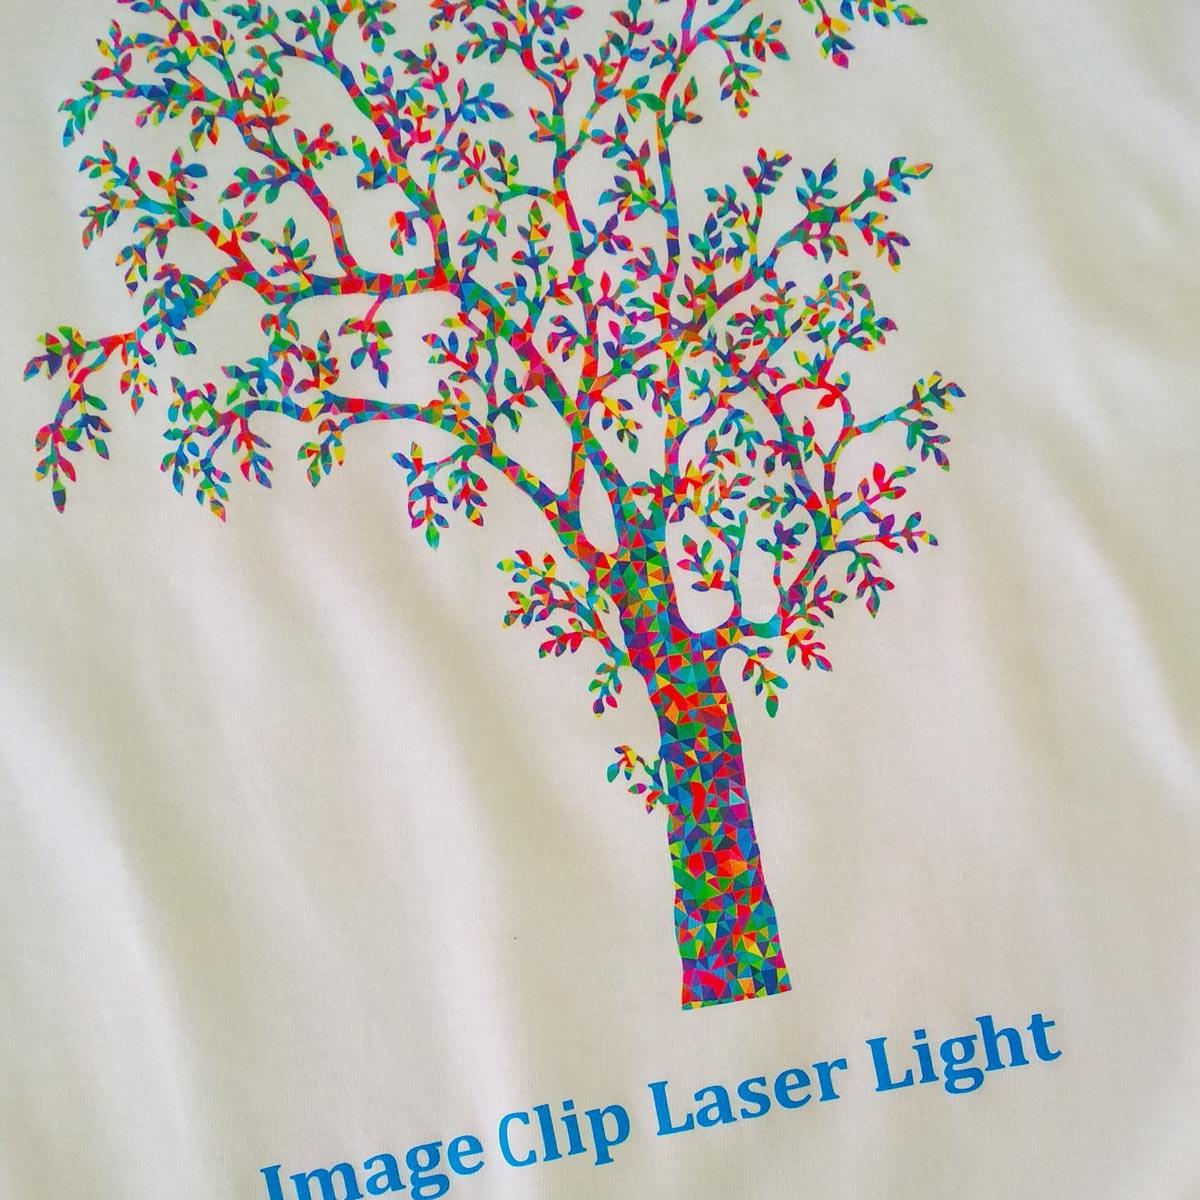 Image Clip Laser Light - papier transferowy do drukarek laserowych na jasne tkaniny bez podtła